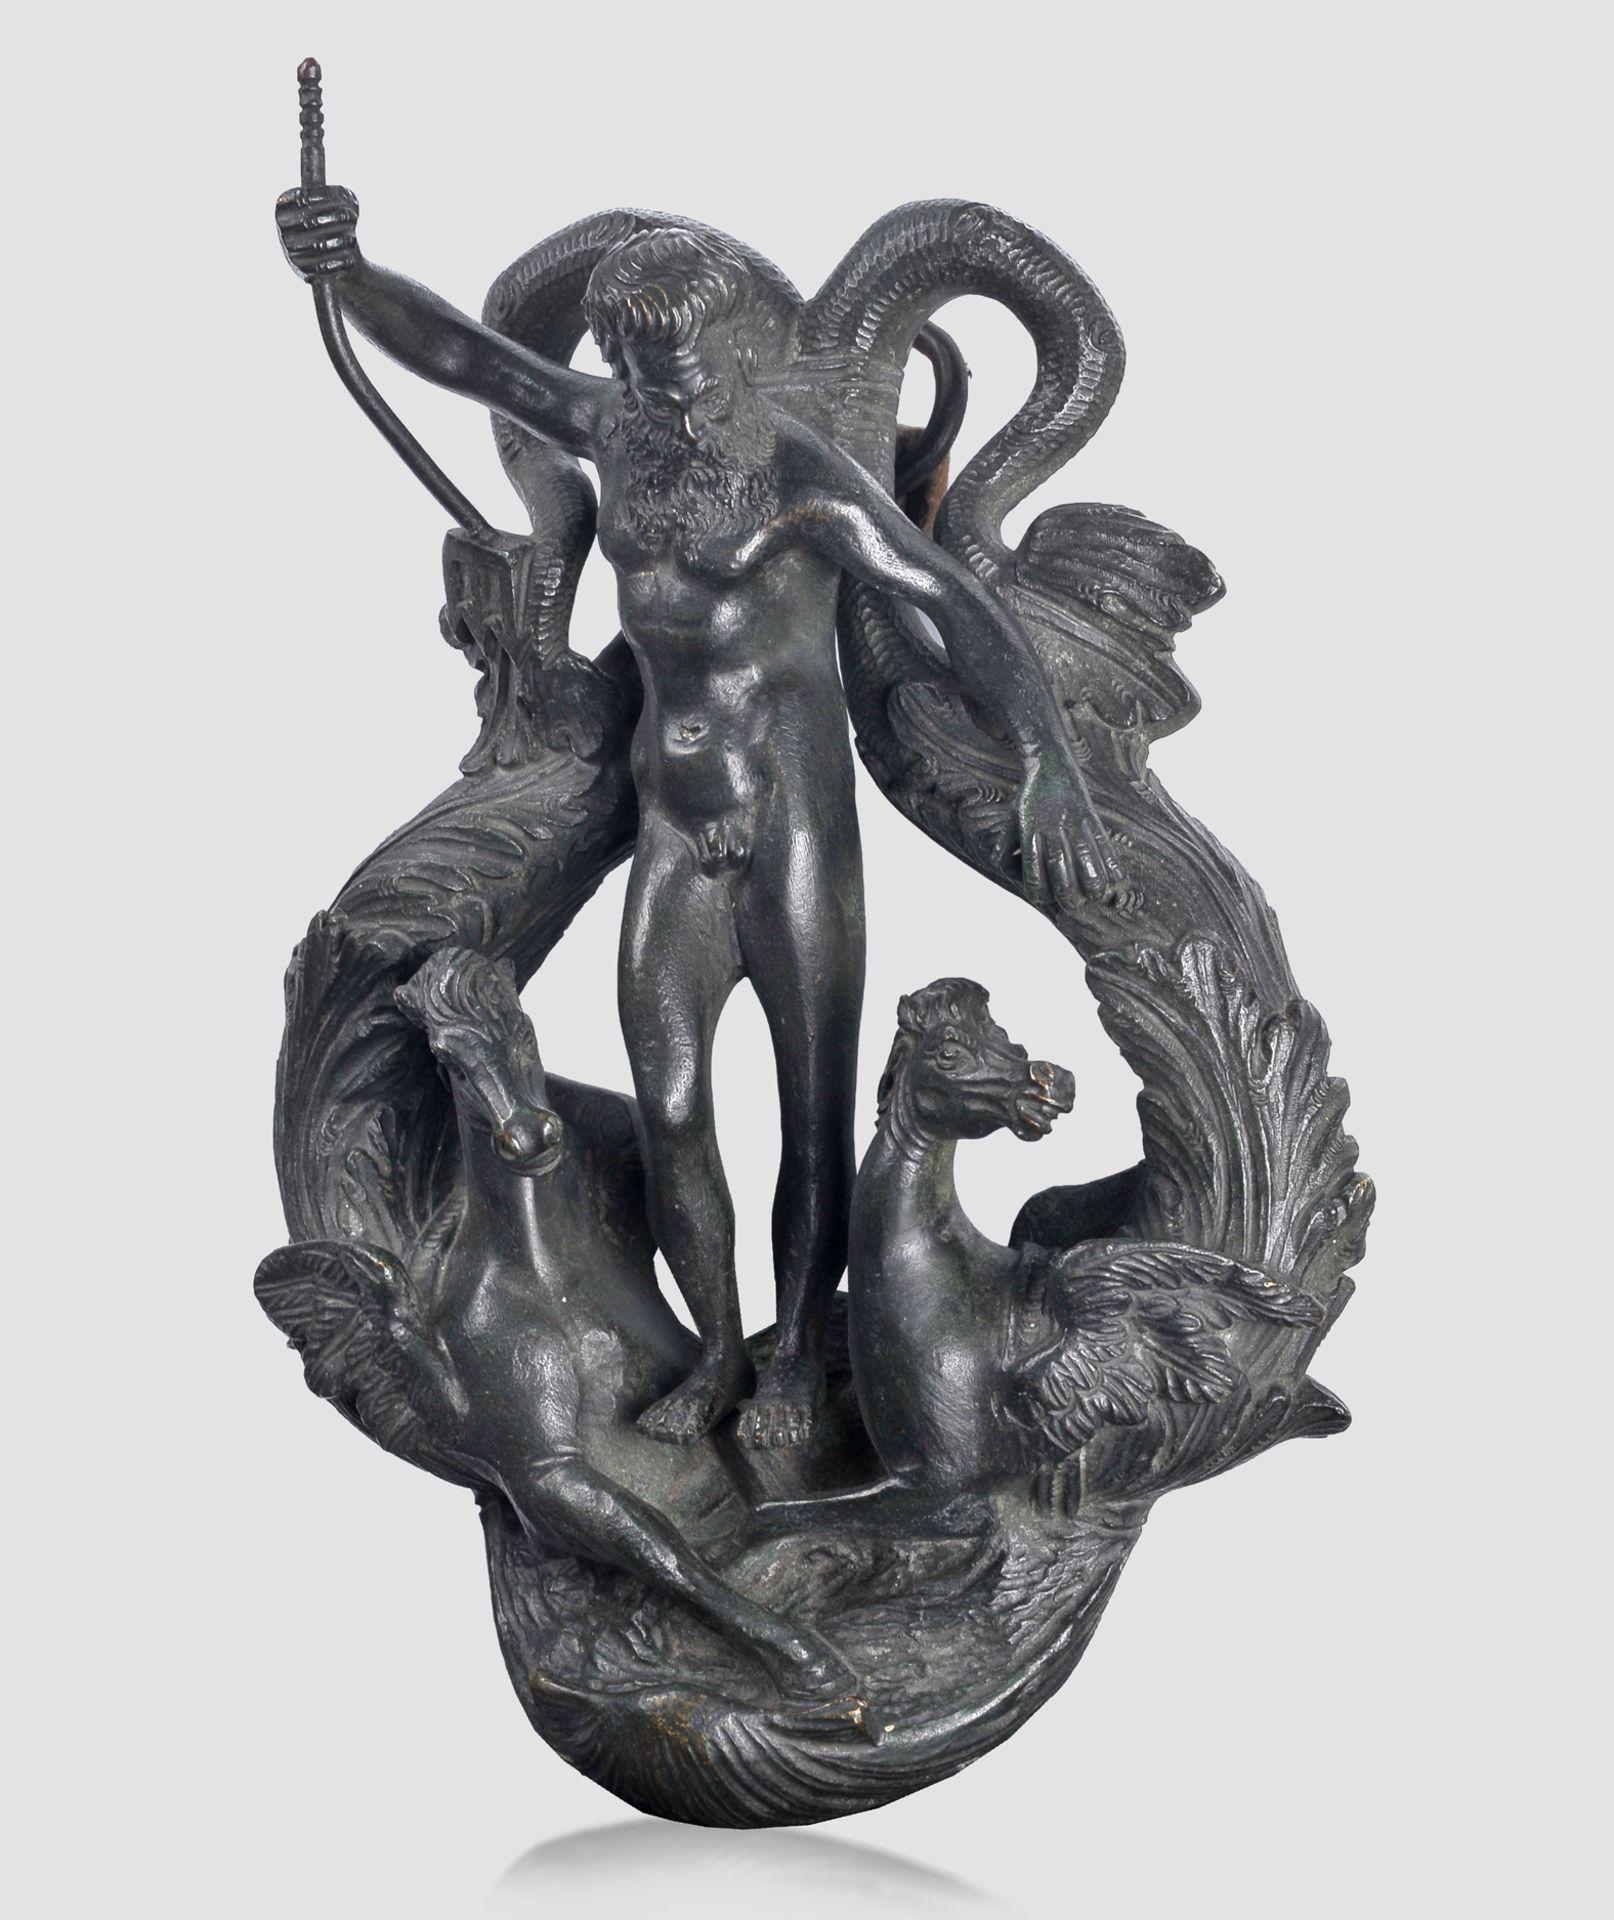 Türklopfer, Renaissancetypus, Bronze - Image 2 of 5